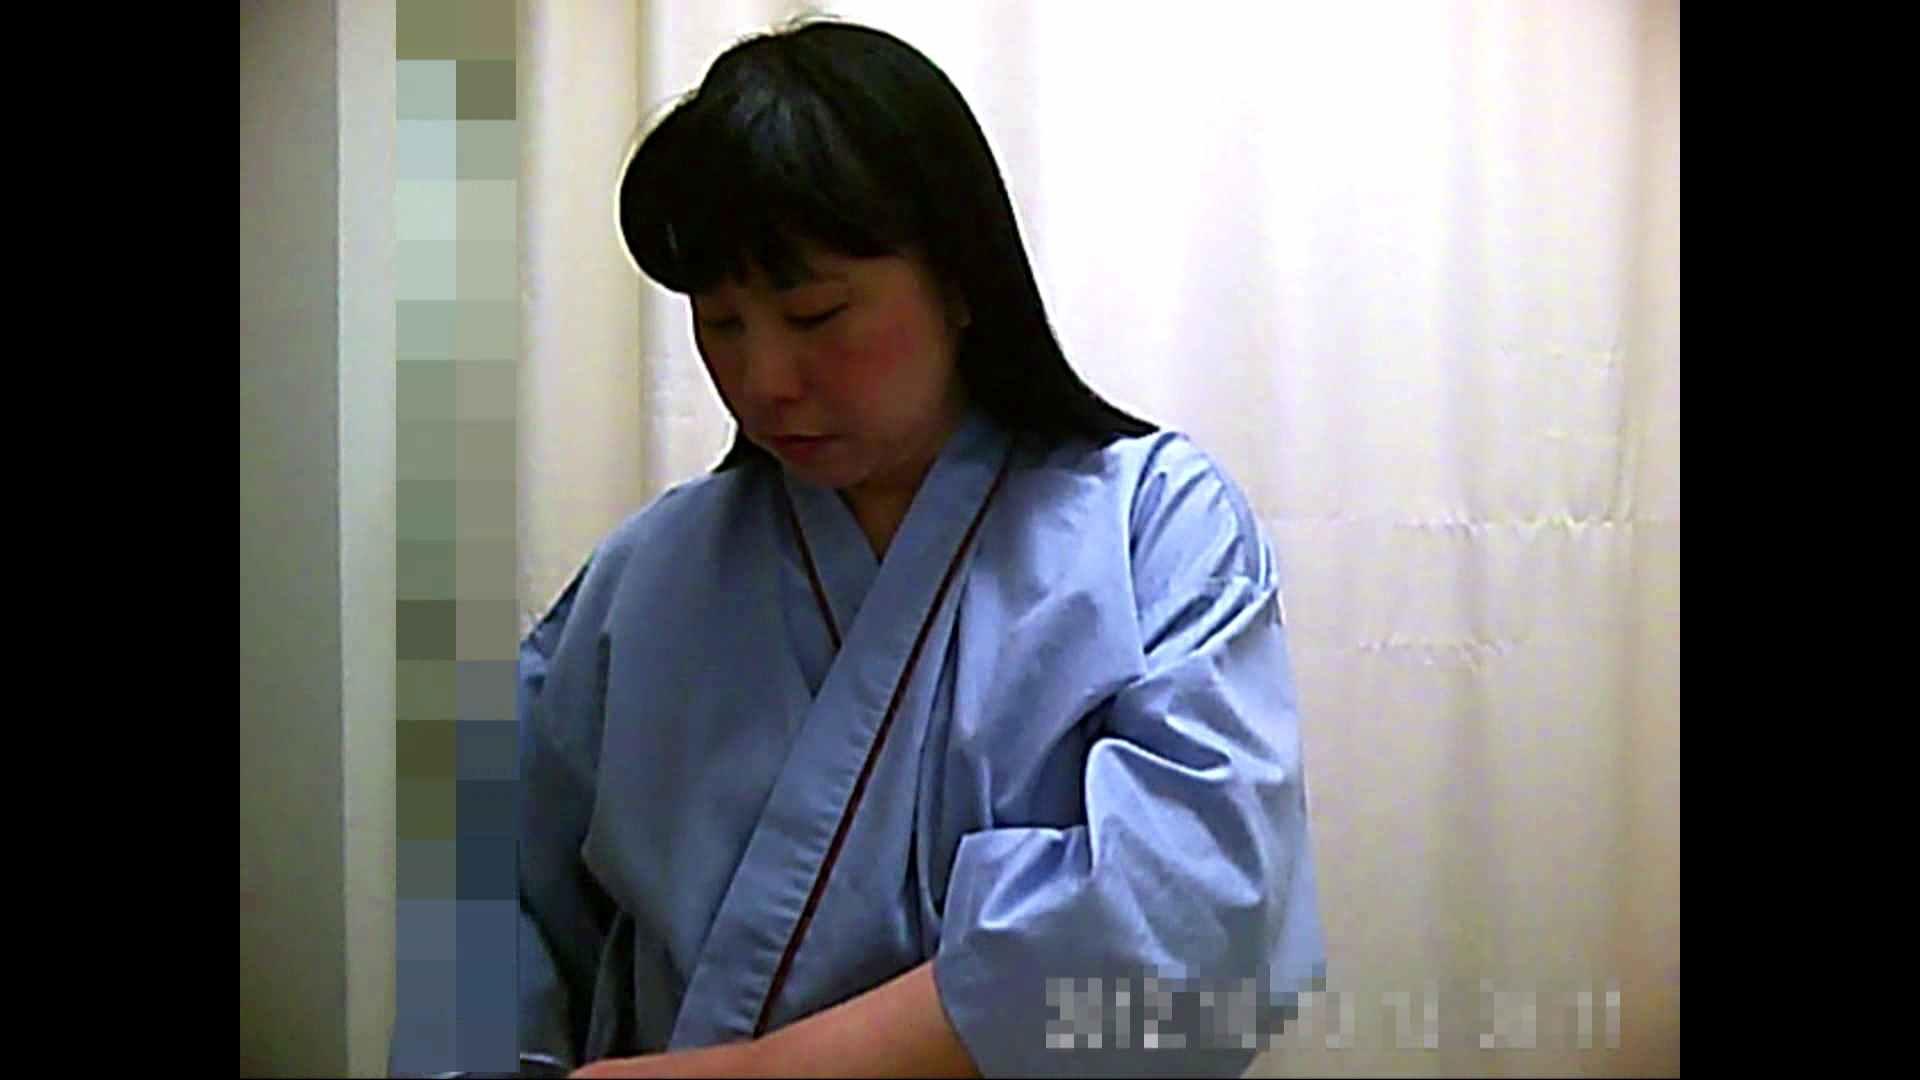 元医者による反抗 更衣室地獄絵巻 vol.059 お姉さんのSEX オマンコ無修正動画無料 103枚 44